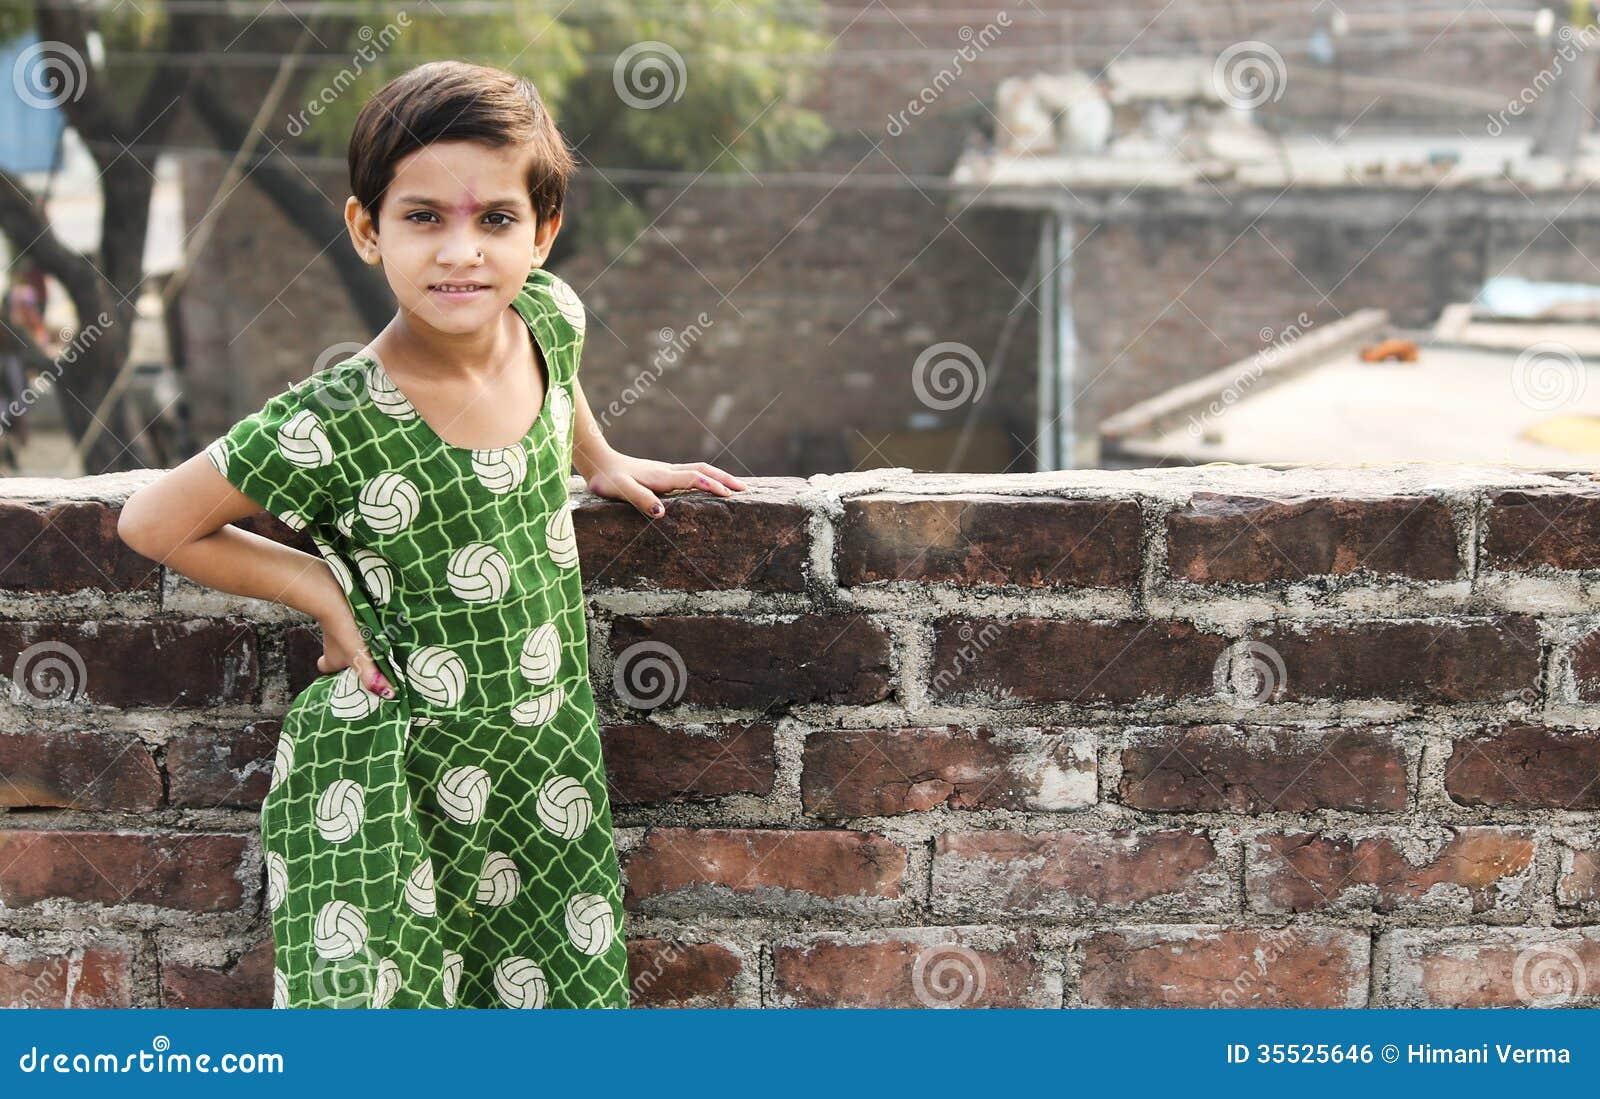 Asiatisches Kinderaktive Haltung